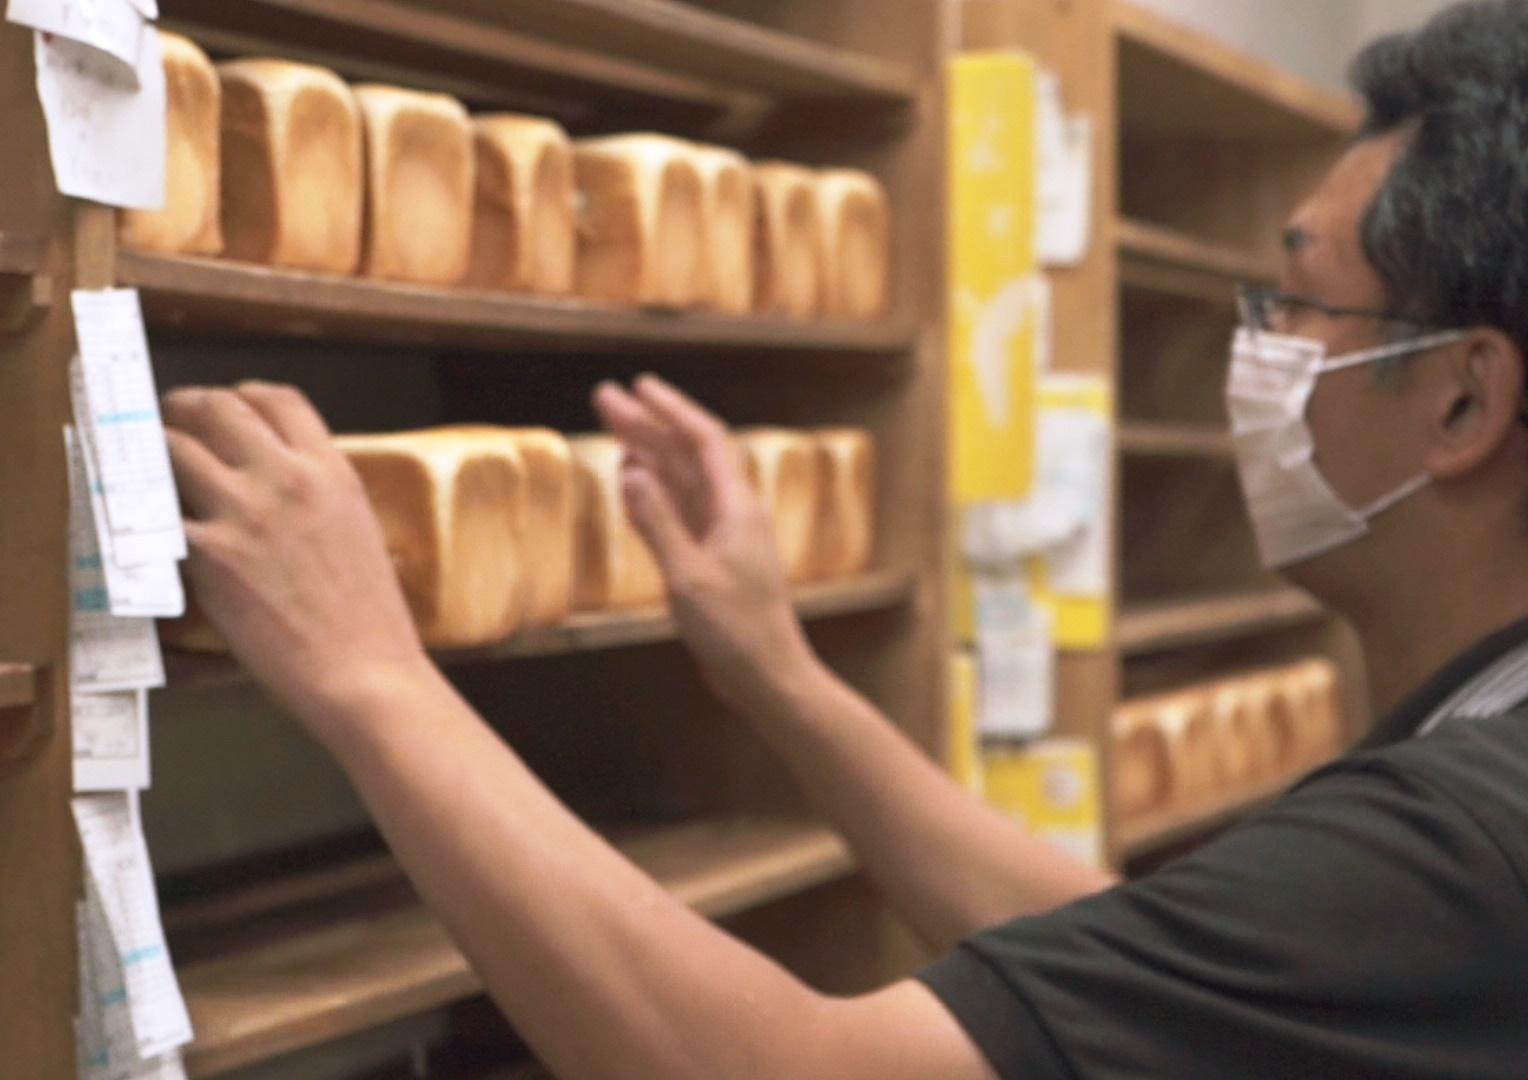 [애프터스크리닝] 식빵을 통해 생각해 보는 빵 이상의 것 '펠리칸 베이커리' ★★★